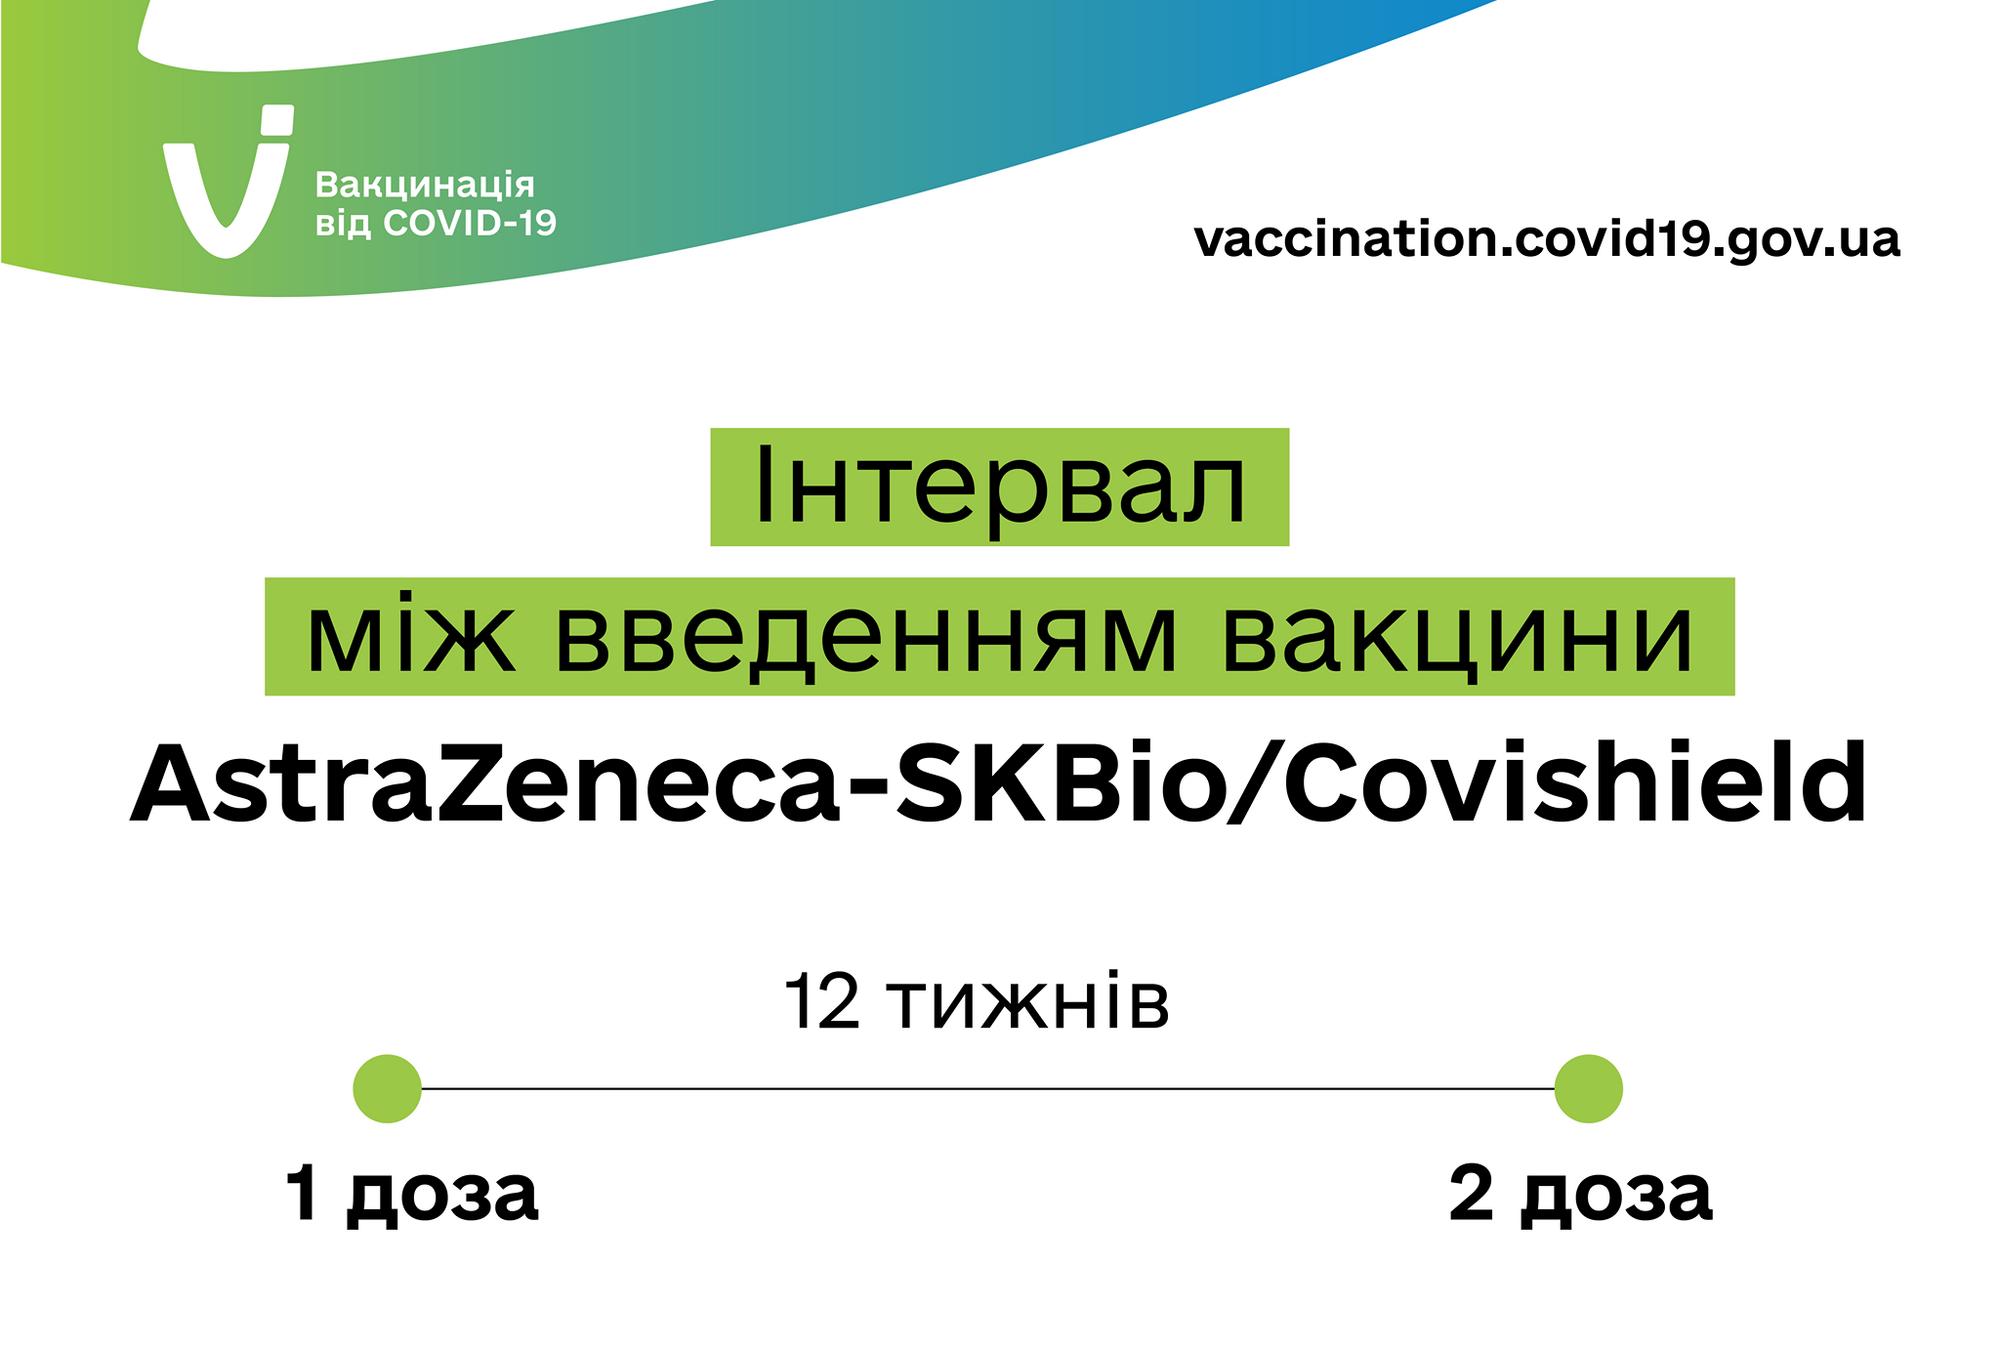 Вакцинація Oxford/AstraZeneca.